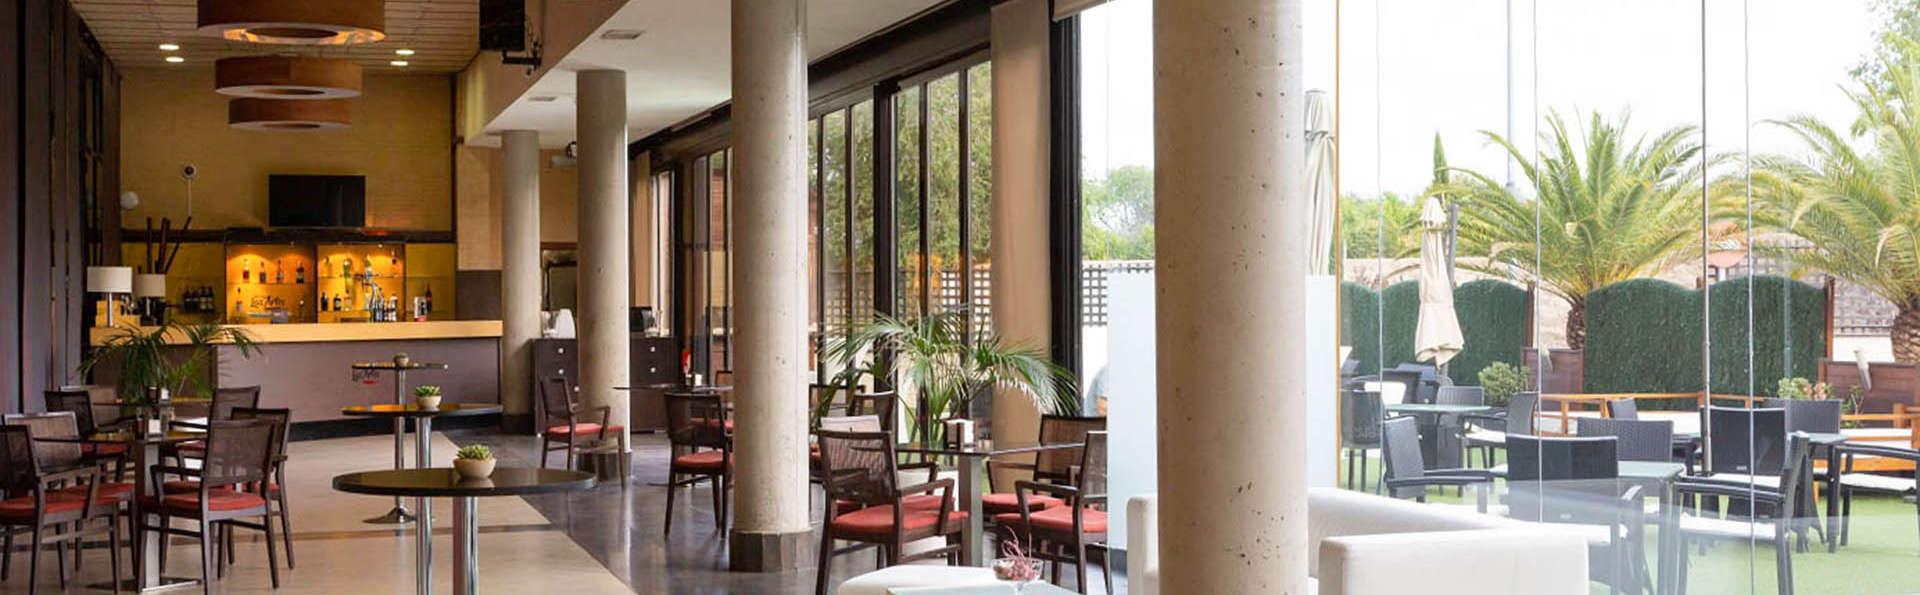 Hotel Las Artes - EDIT_Ter_01.jpg